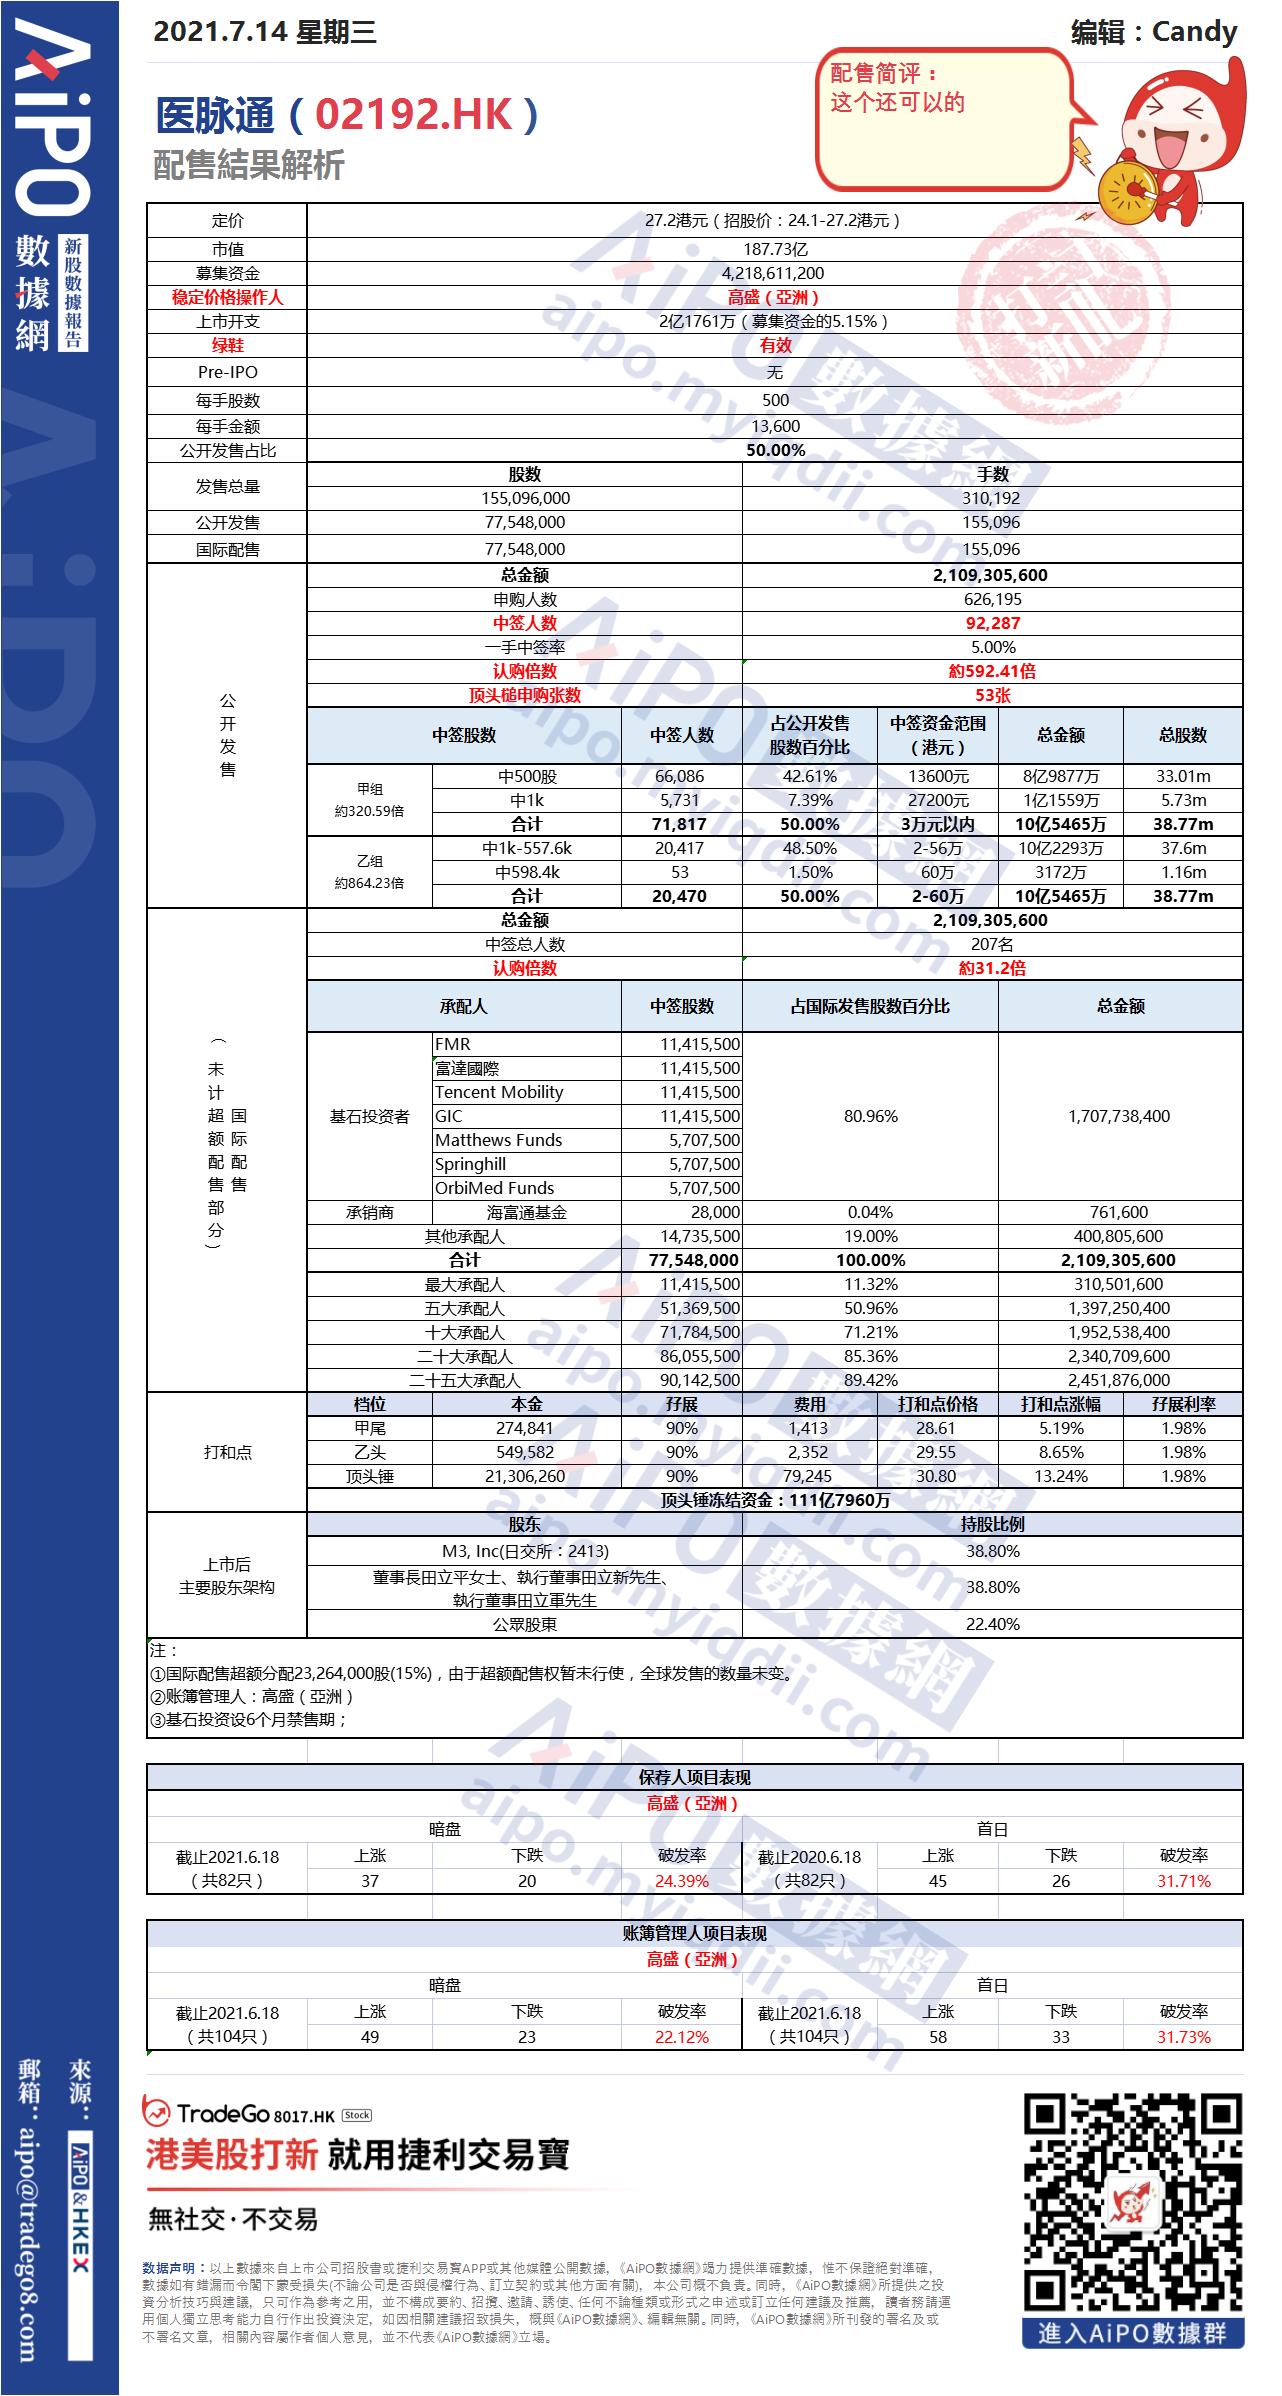 【新股AiPO】配售結果解析:醫脈通(02192.HK).png